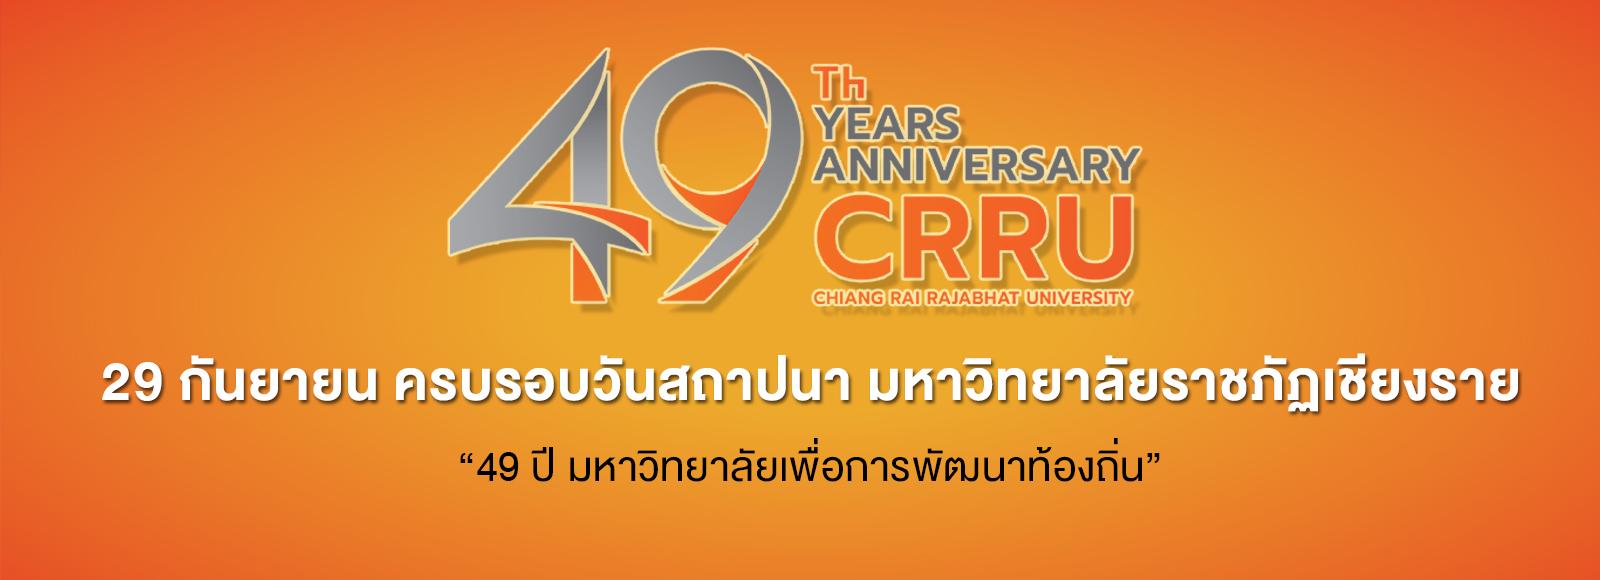 49 ปี วันสถาปนา มหาวิทยาลัยราชภัฏเชียงราย